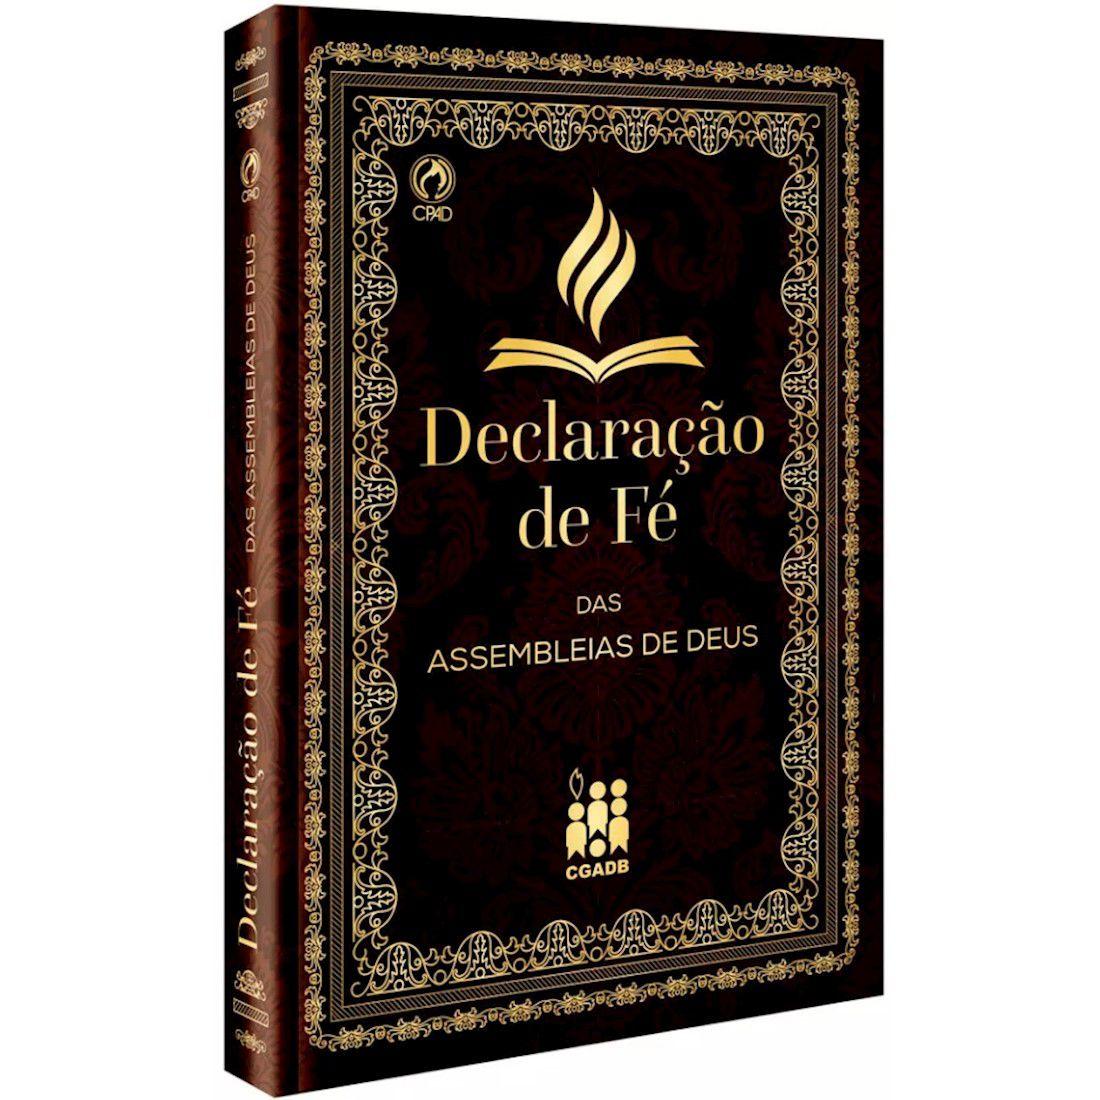 Livro Declaração de Fé das Assembleias de Deus Capa Dura